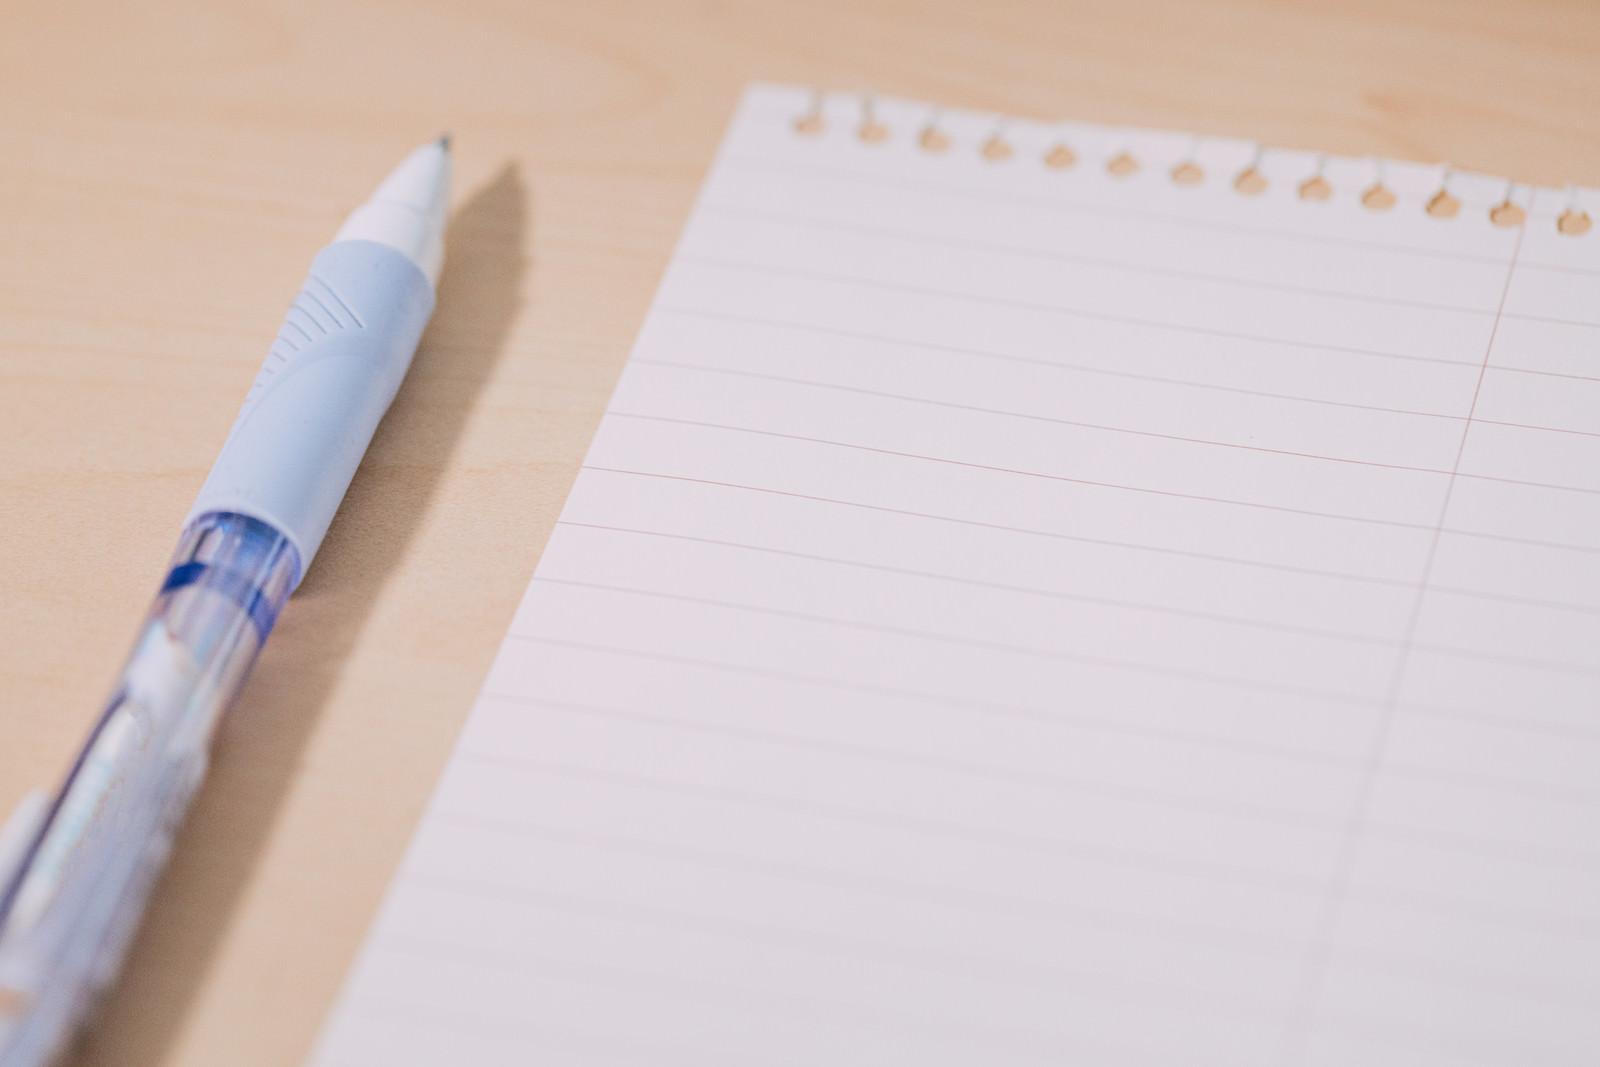 転職時の主な筆記試験9選!事前に対策できるものはしっかり準備して挑もう